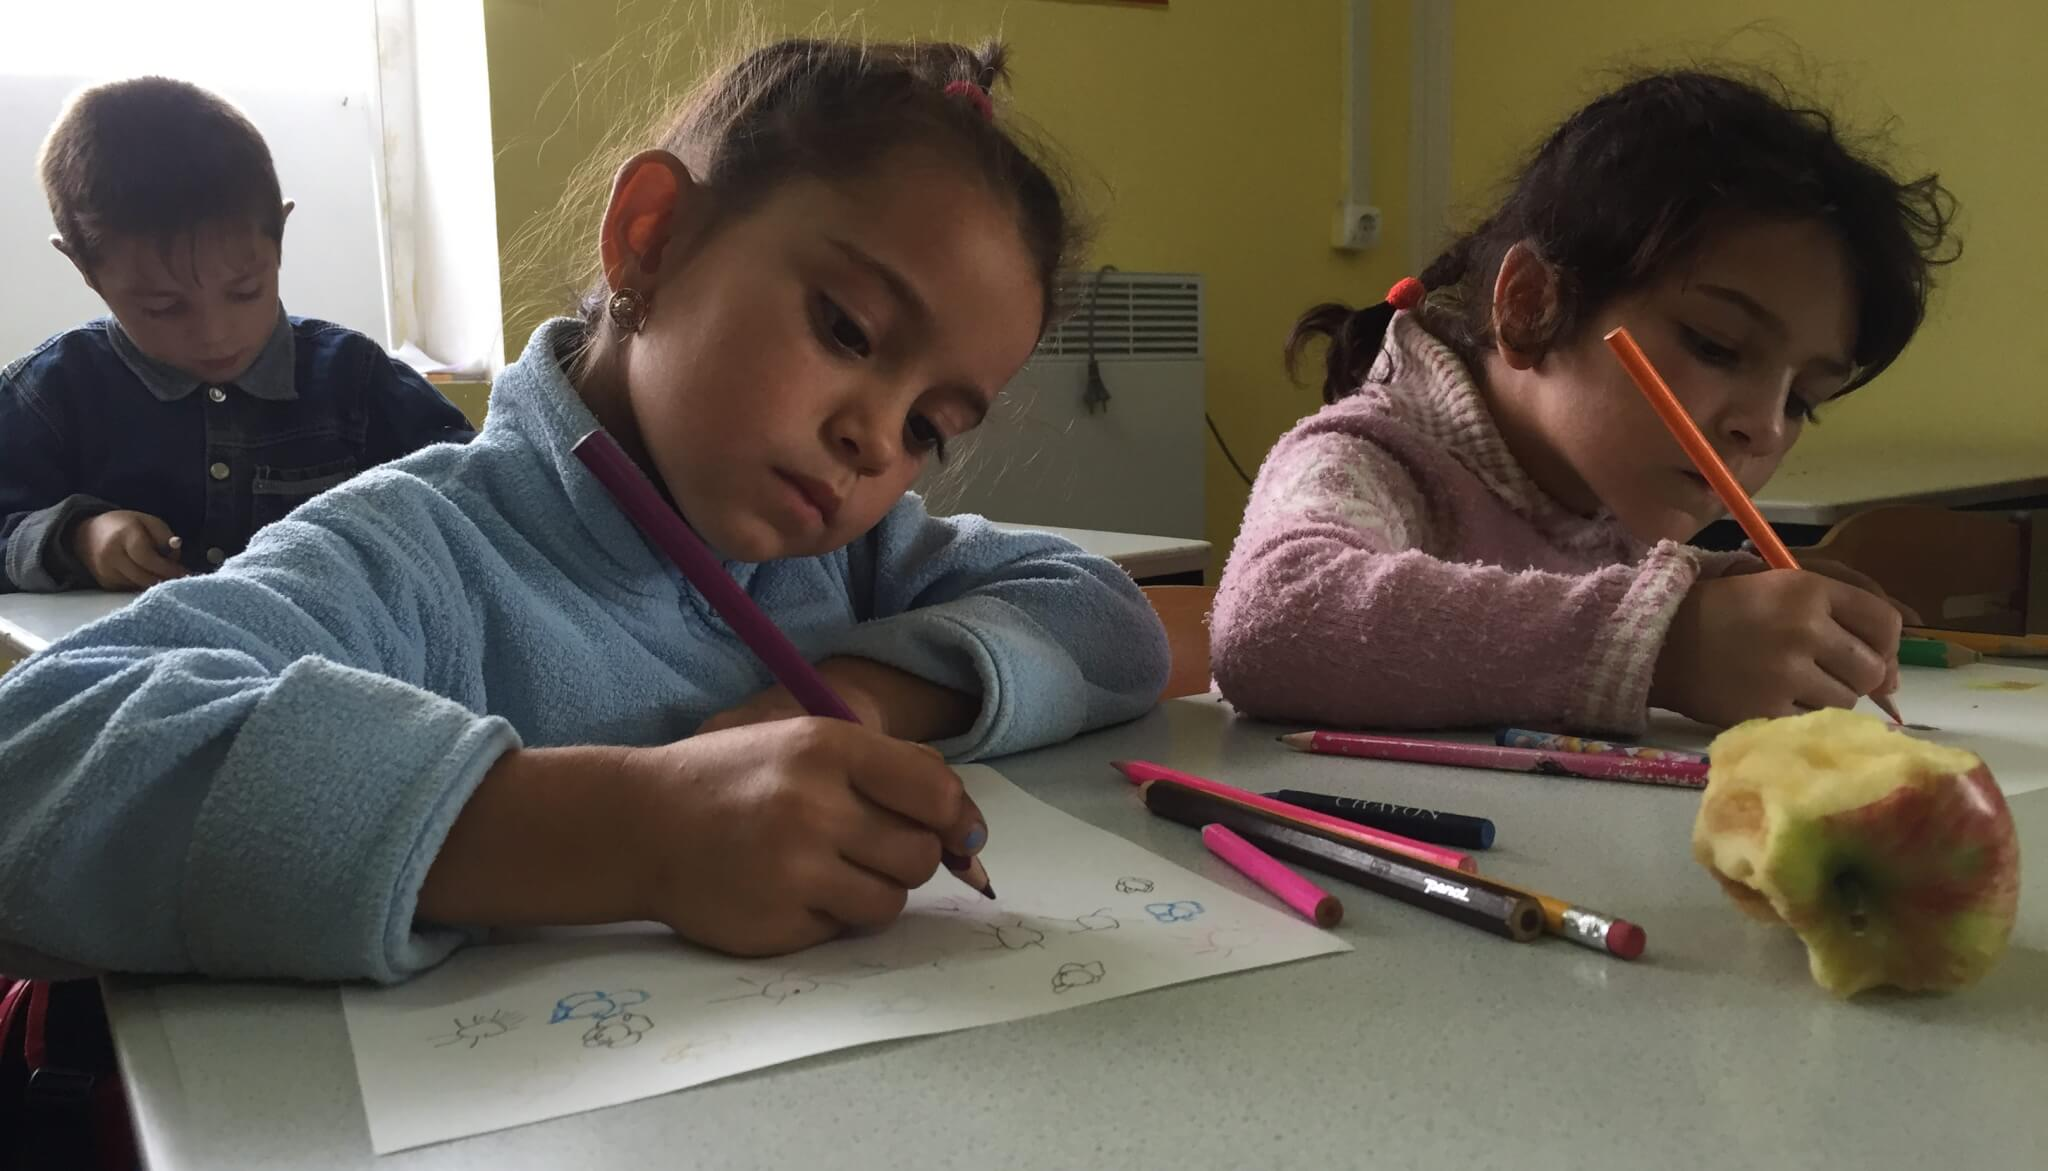 Nyheter Blaho romsk förskola